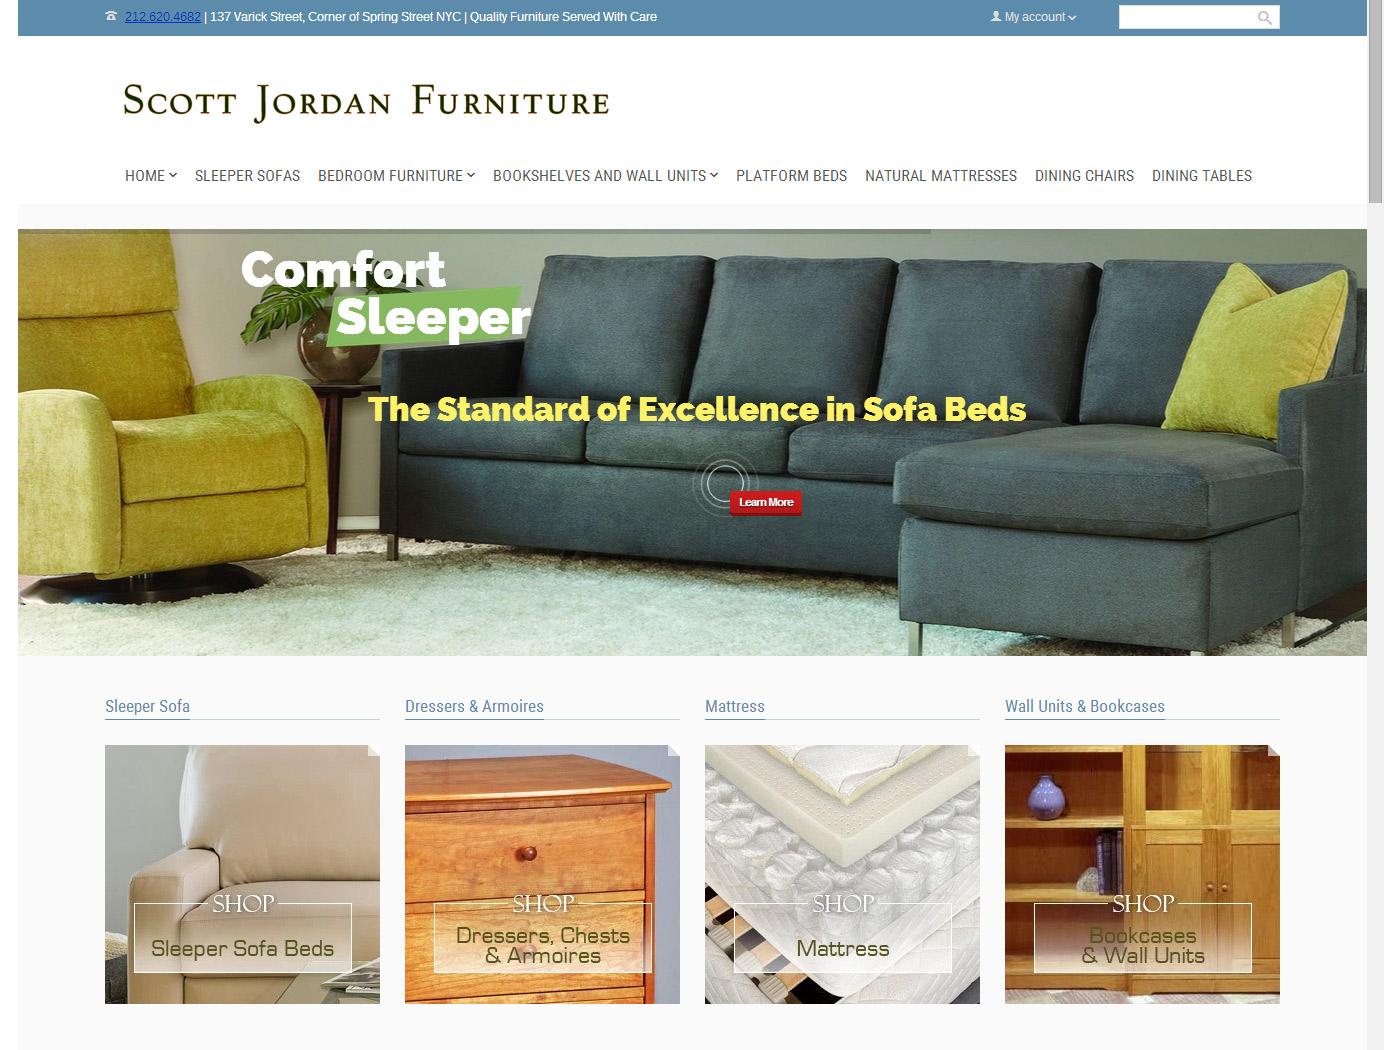 Jordan S Furniture Enchanted Village Enchanted Village